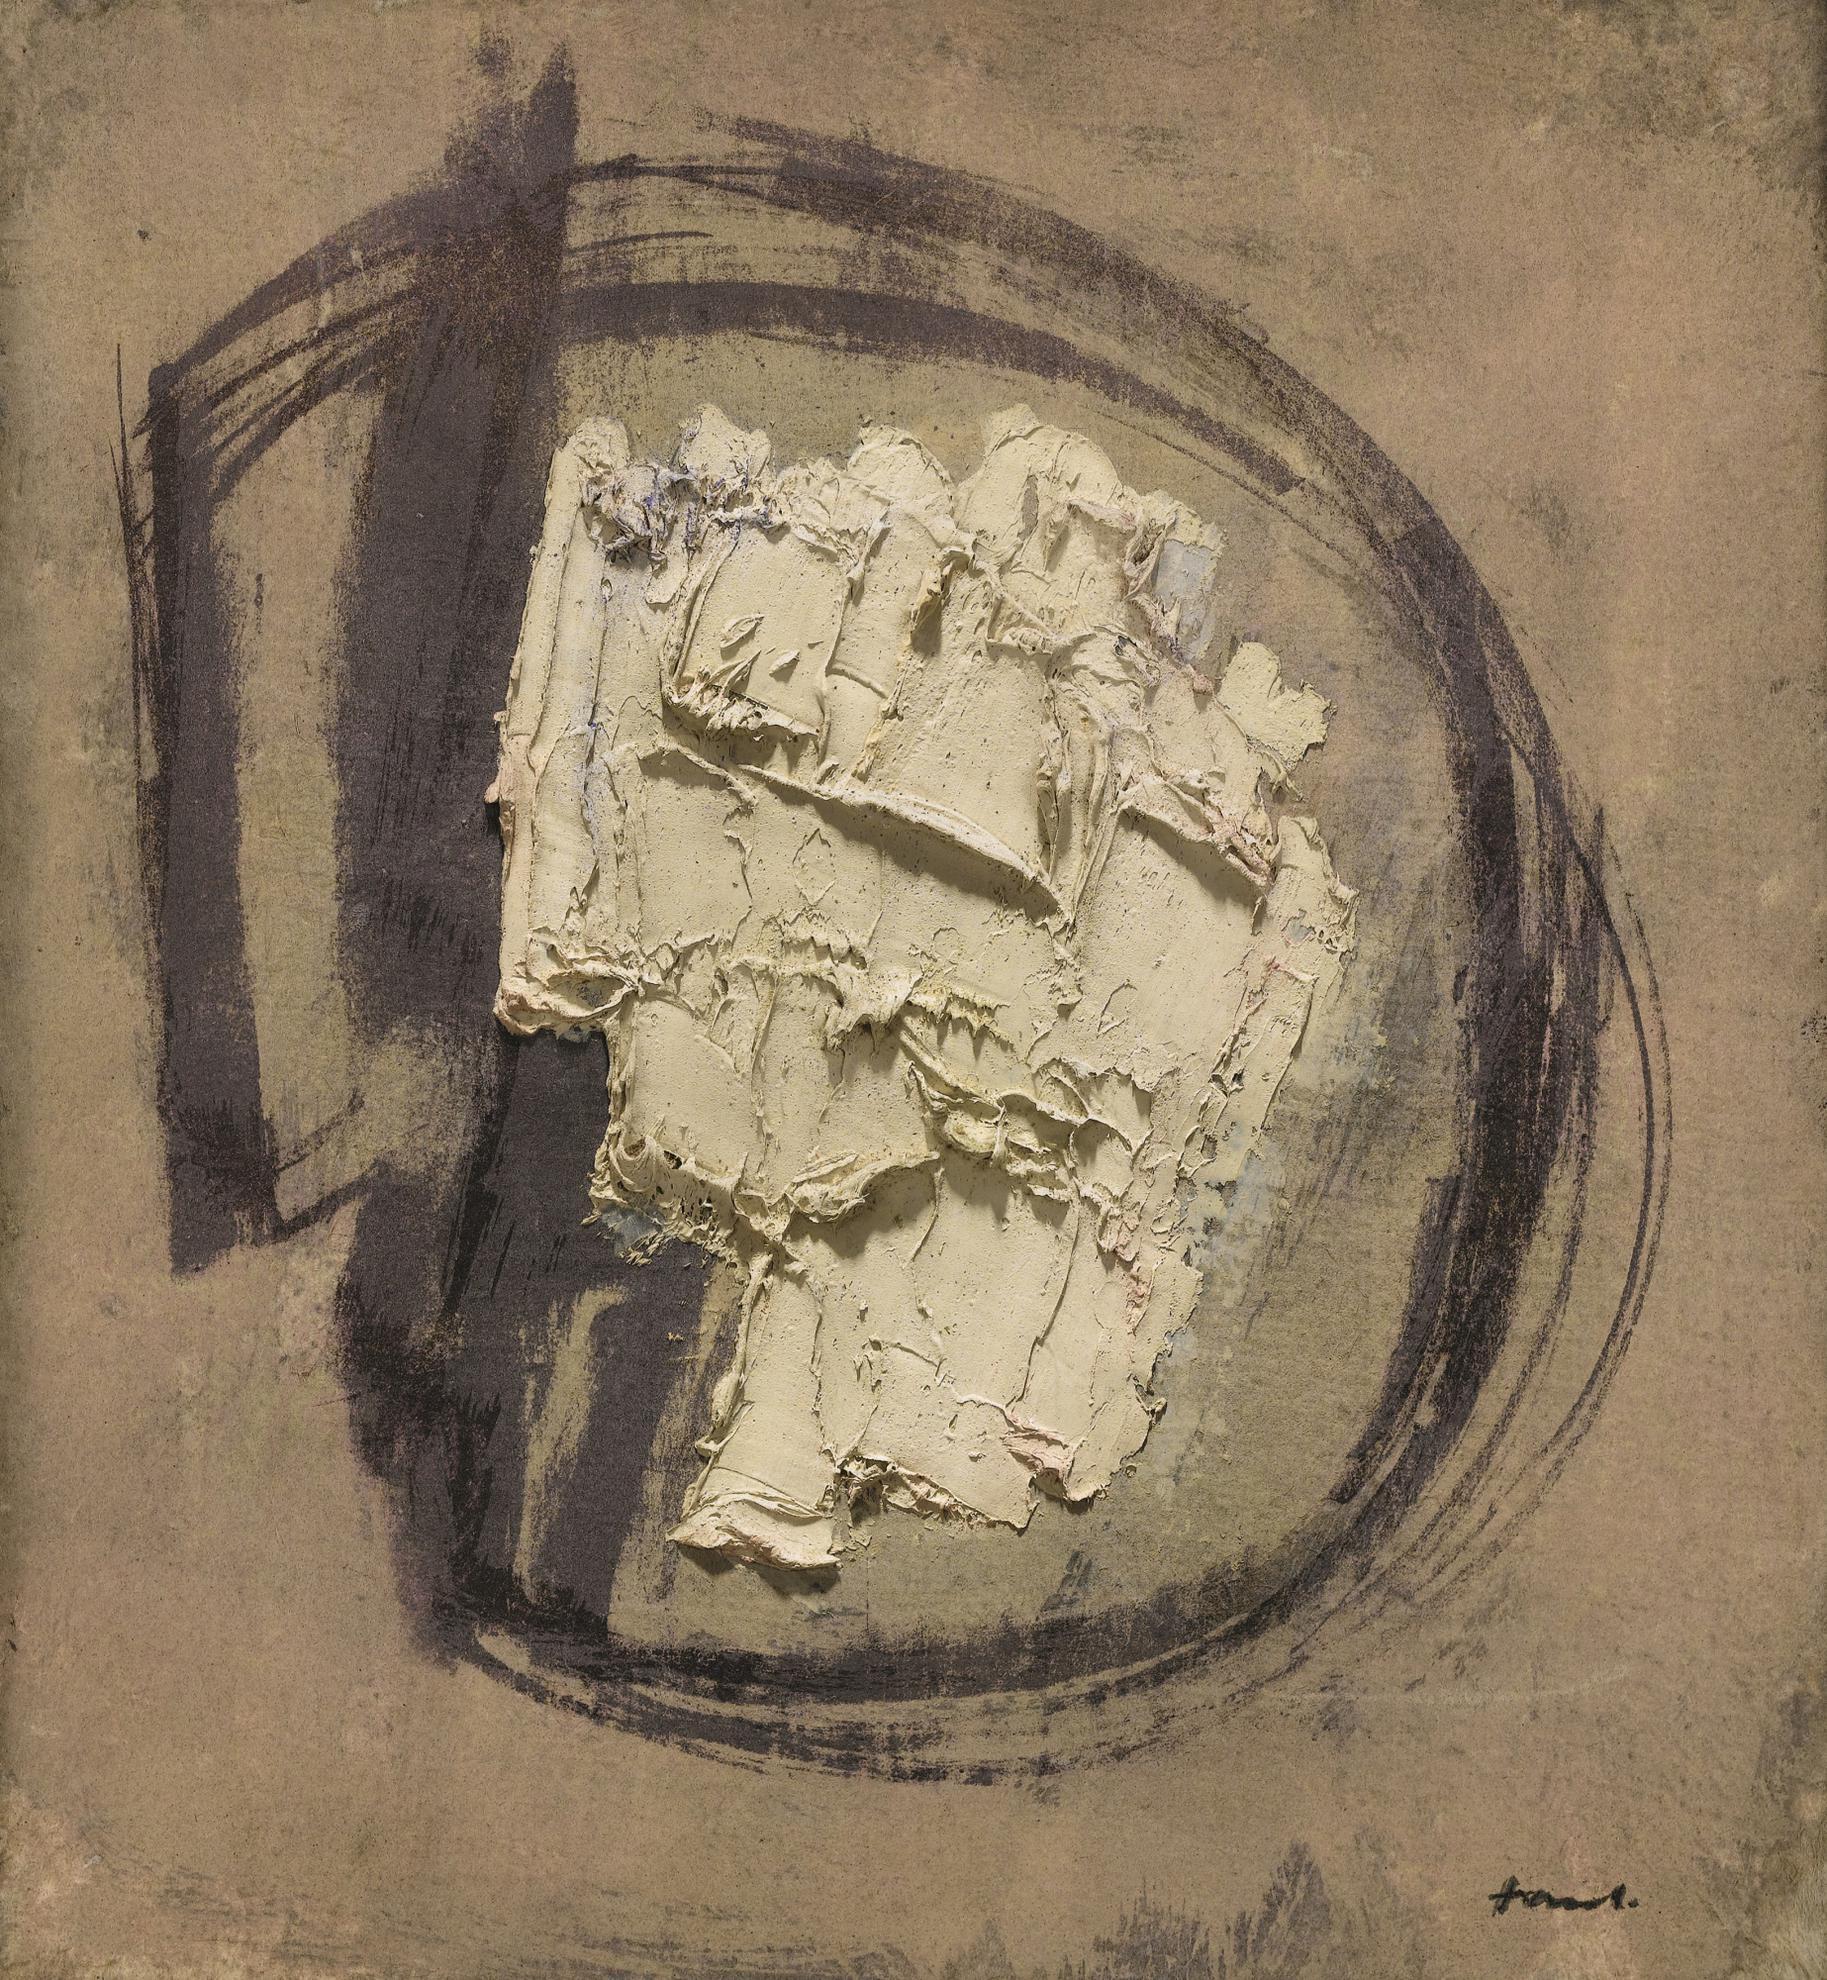 Jean Fautrier-Visage De Lhomme-1950